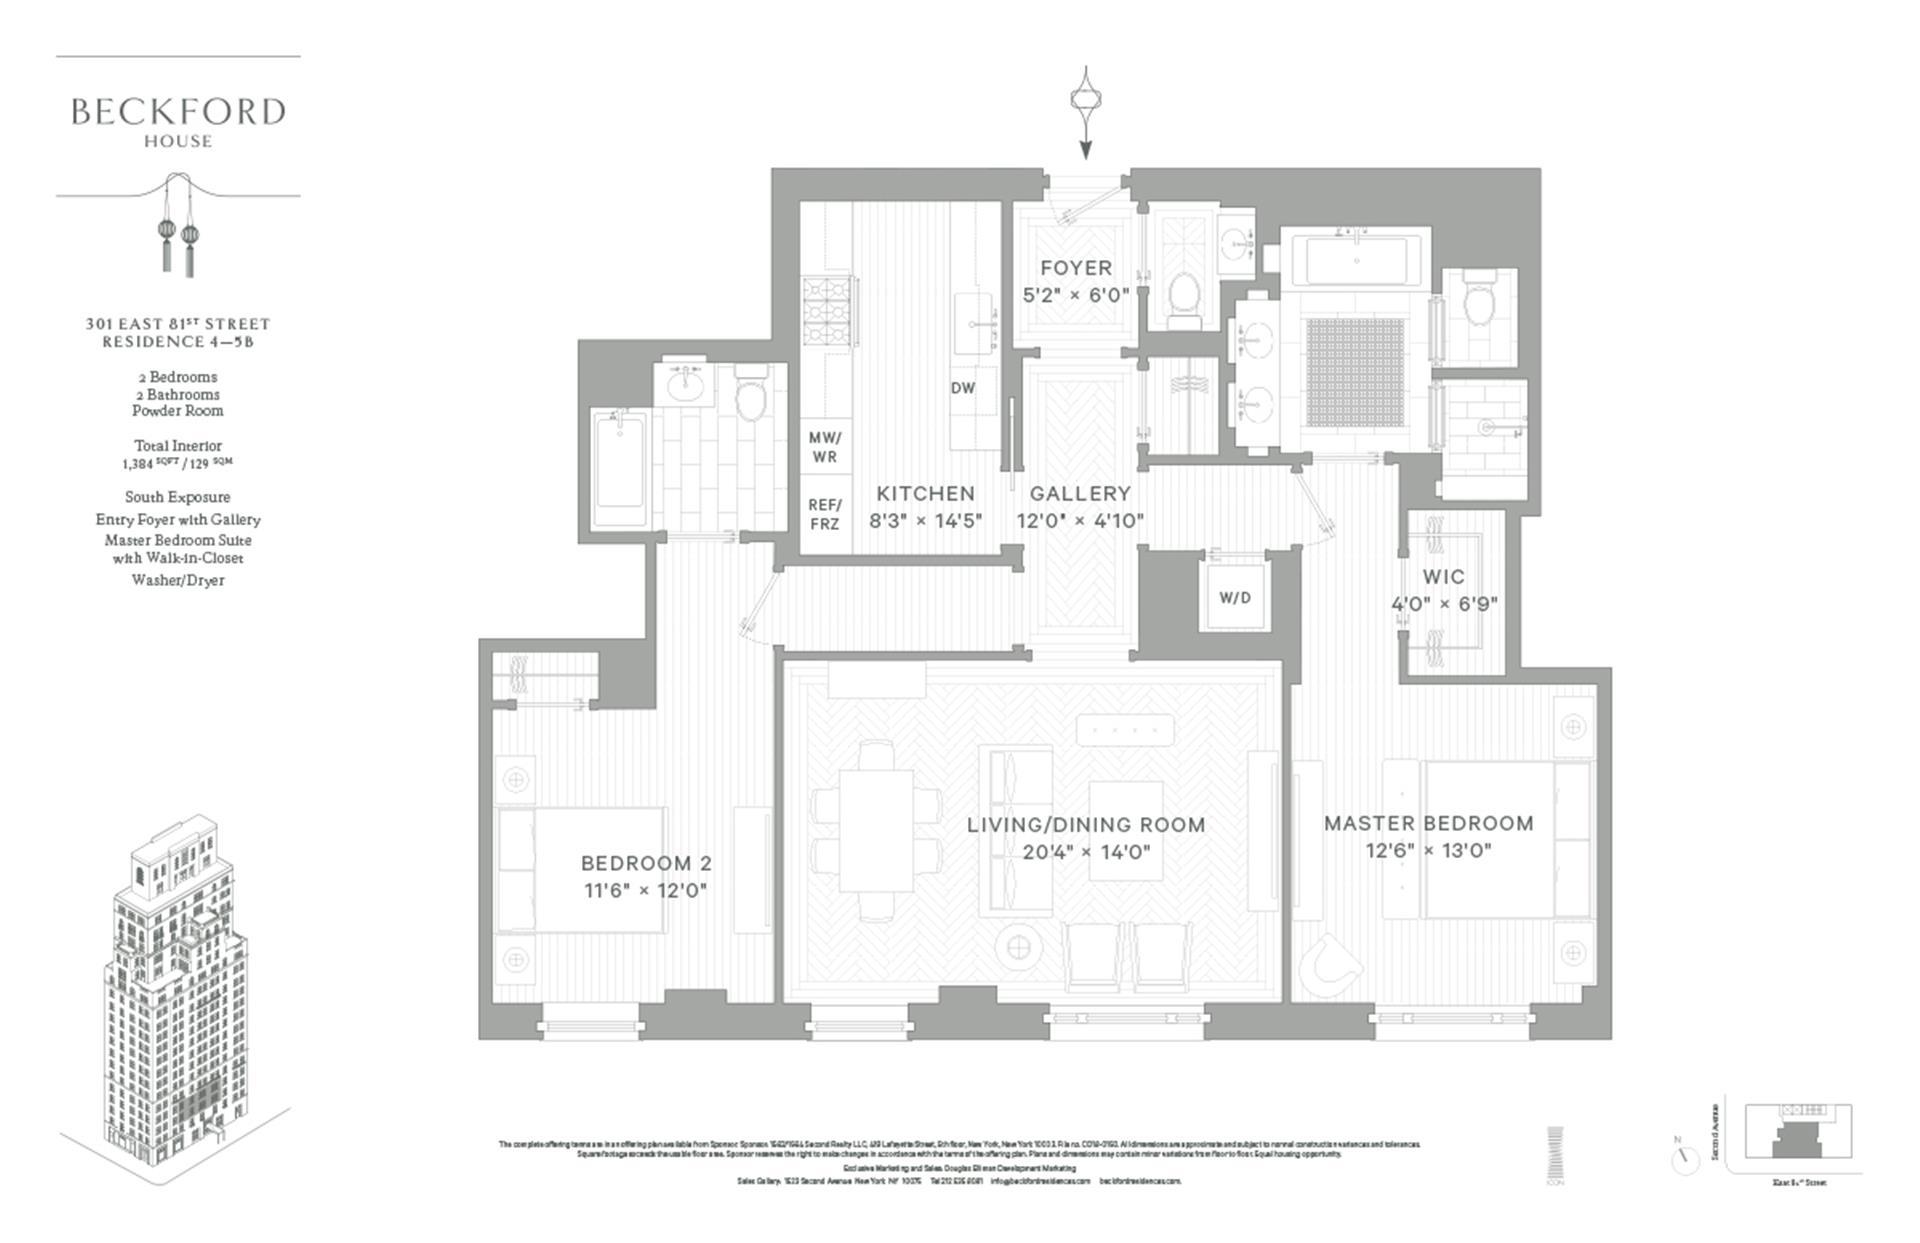 Floor plan of Beckford House, 301 East 81st Street, 4B - Upper East Side, New York